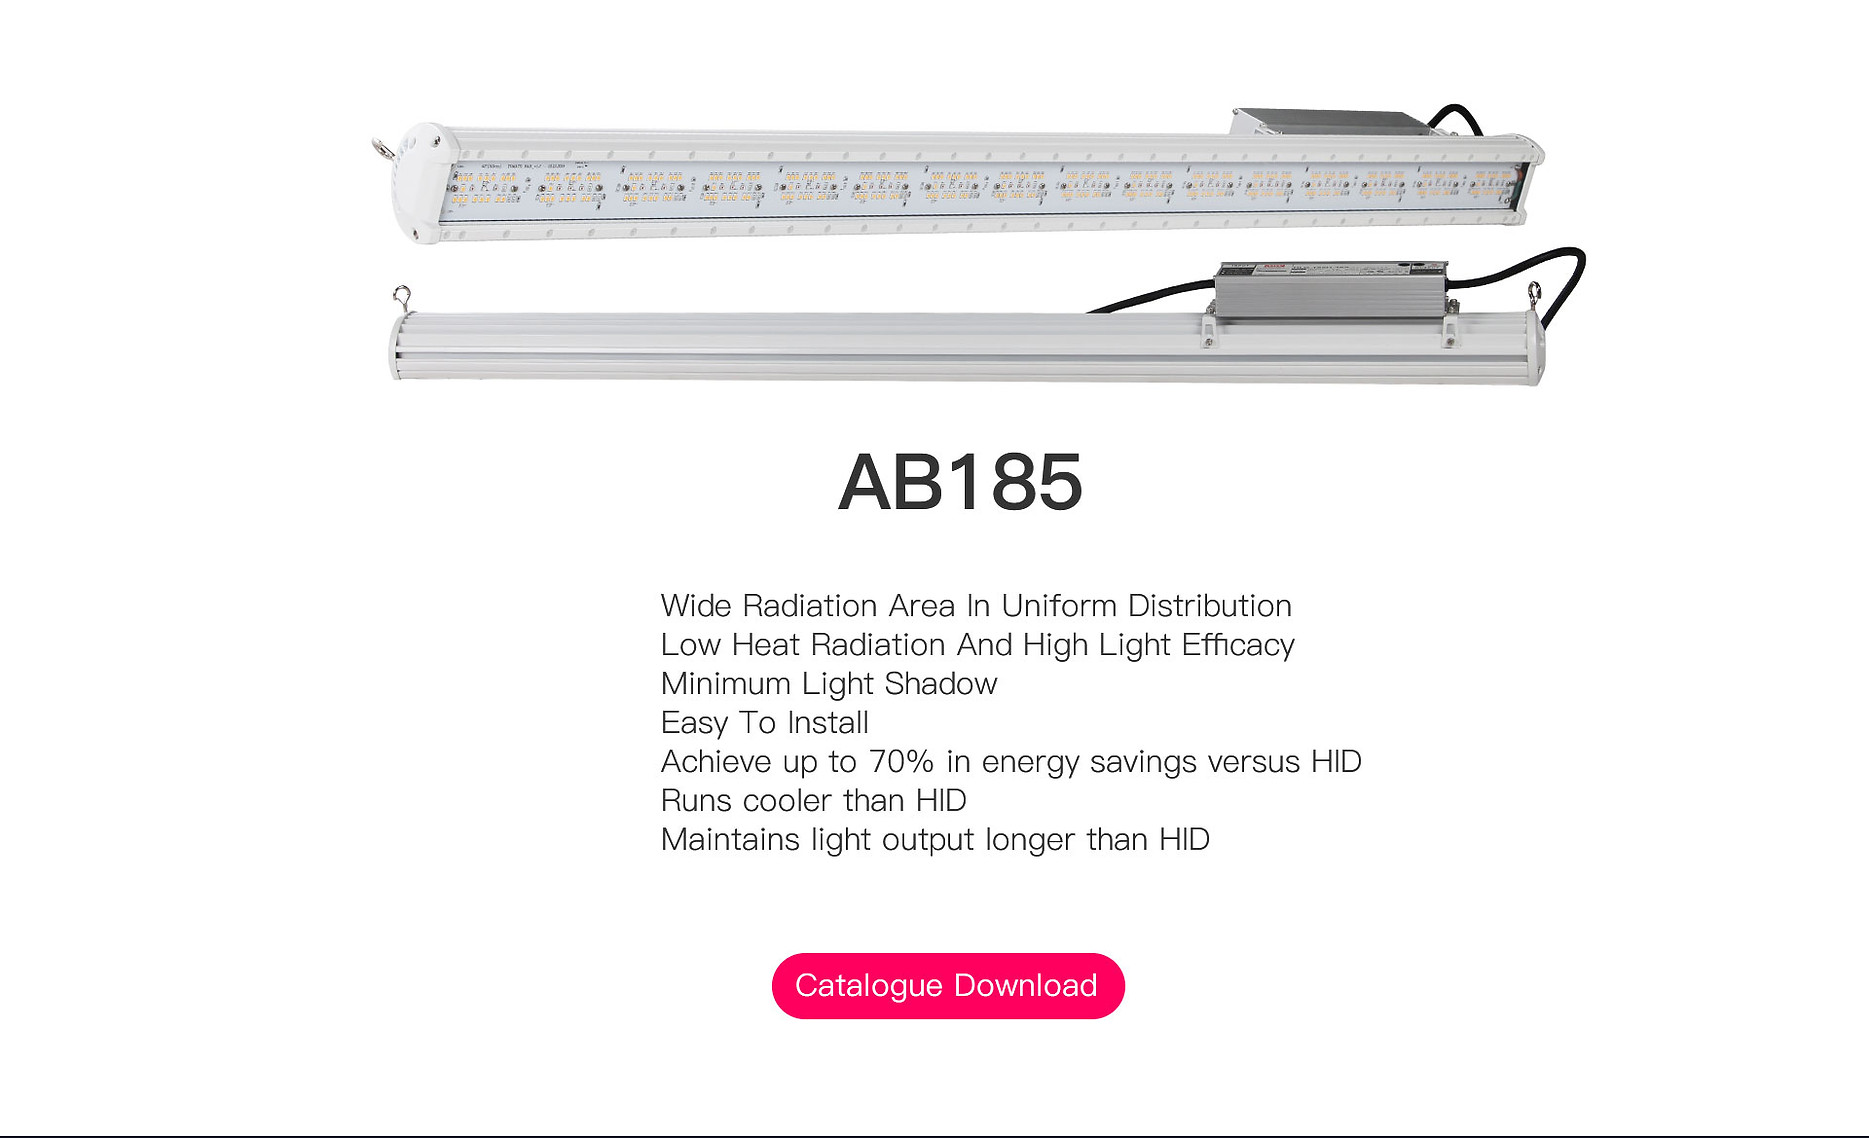 AB185_03.jpg